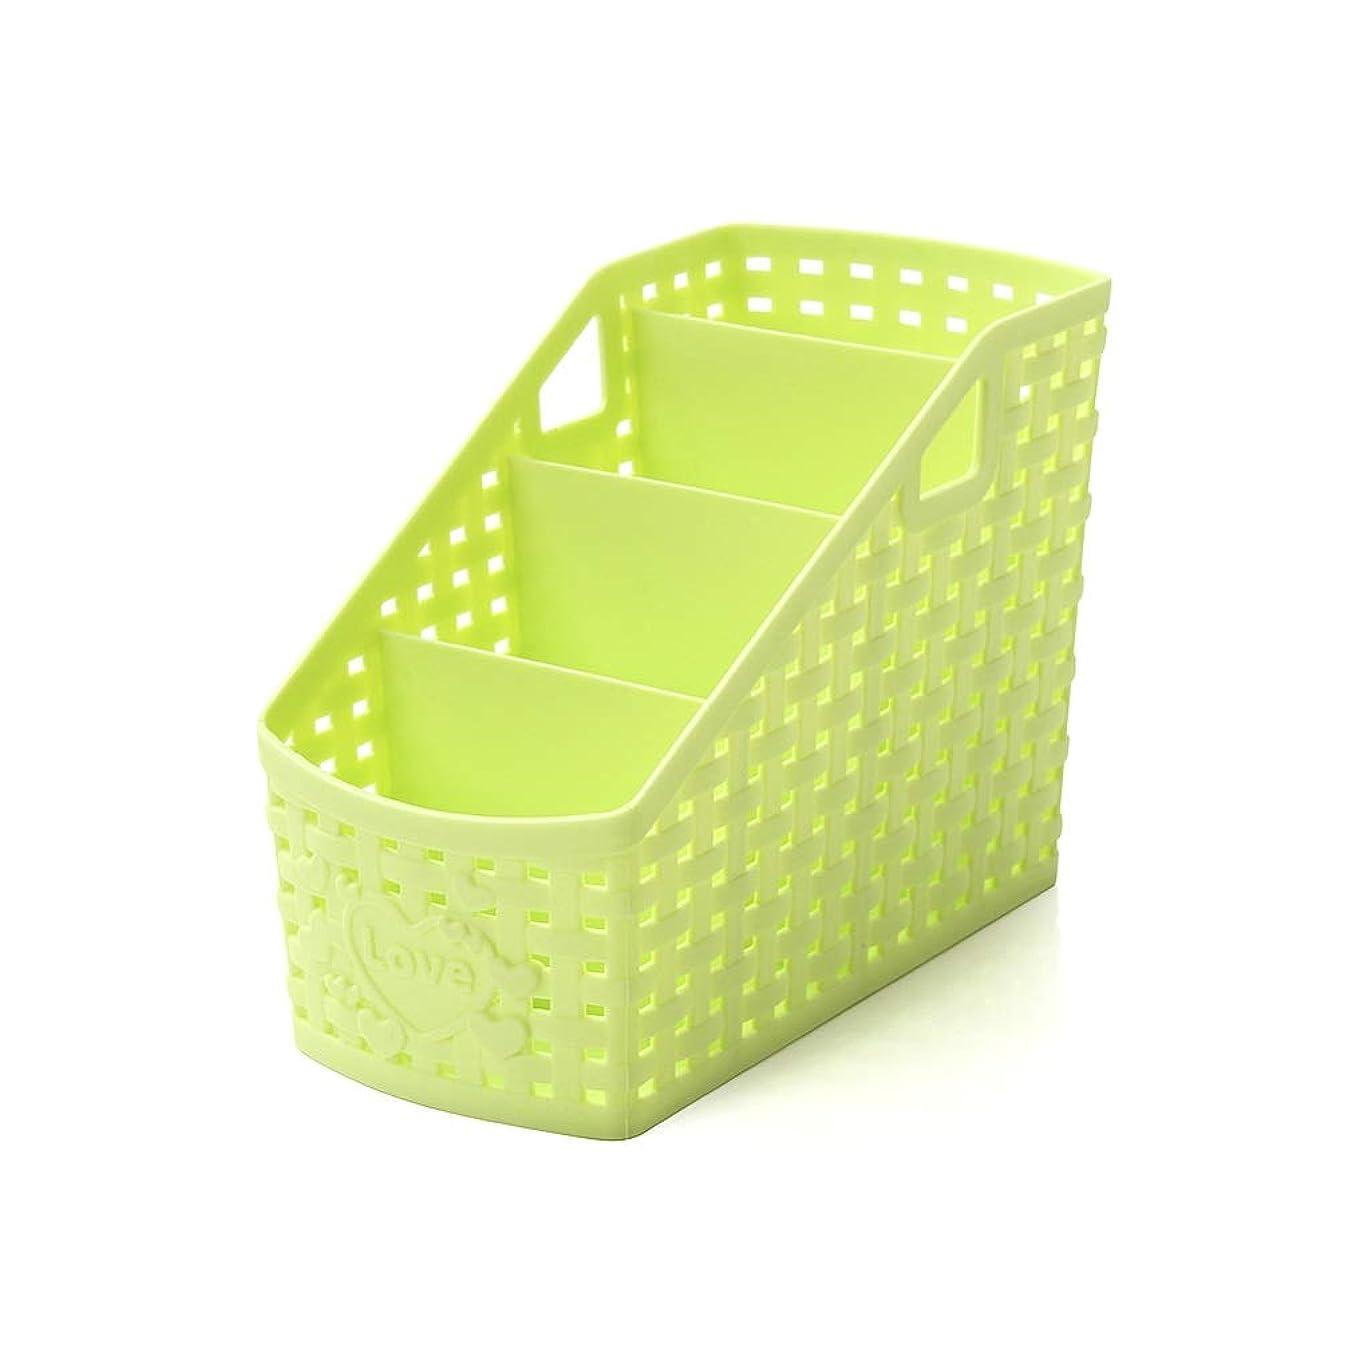 またね動く洞察力のあるLHT 化粧品収納ボックス事務机プラスチック大型文房具収納スキンケアドレッシングテーブル棚 収納ボックス (Color : A, Size : S)